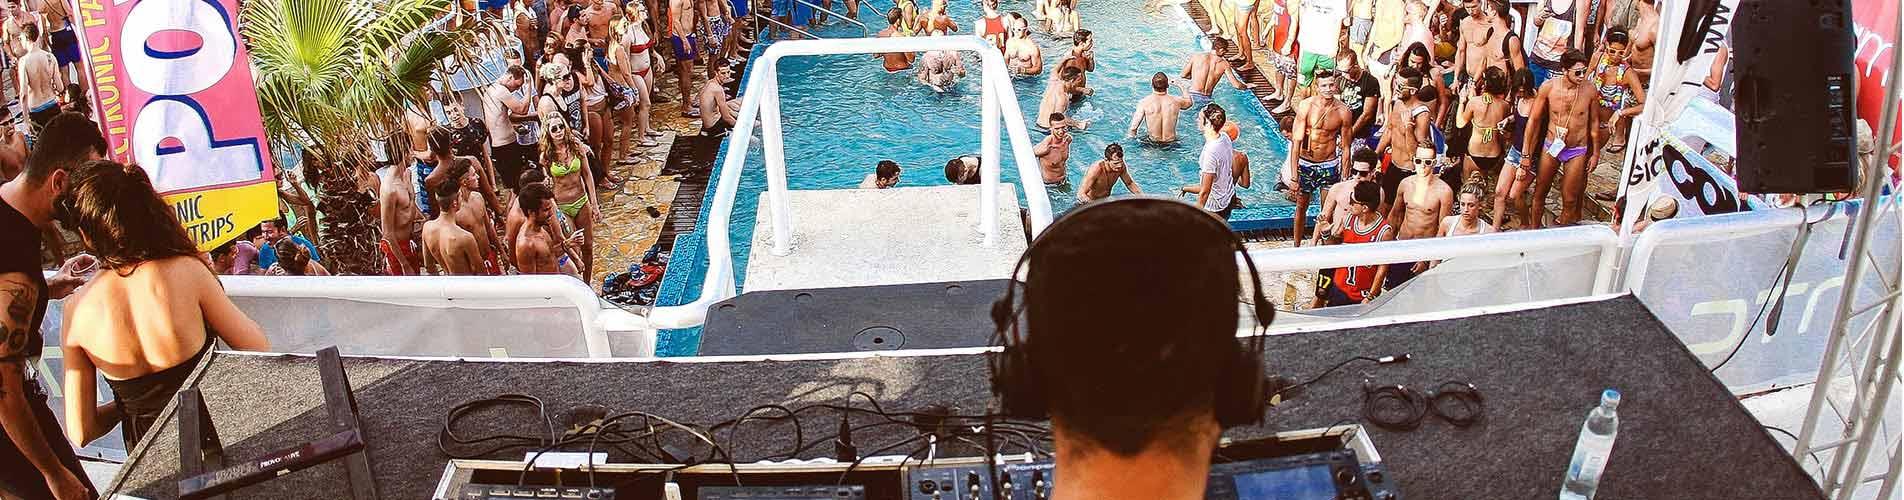 Kroatien Partyurlaub 2018 —